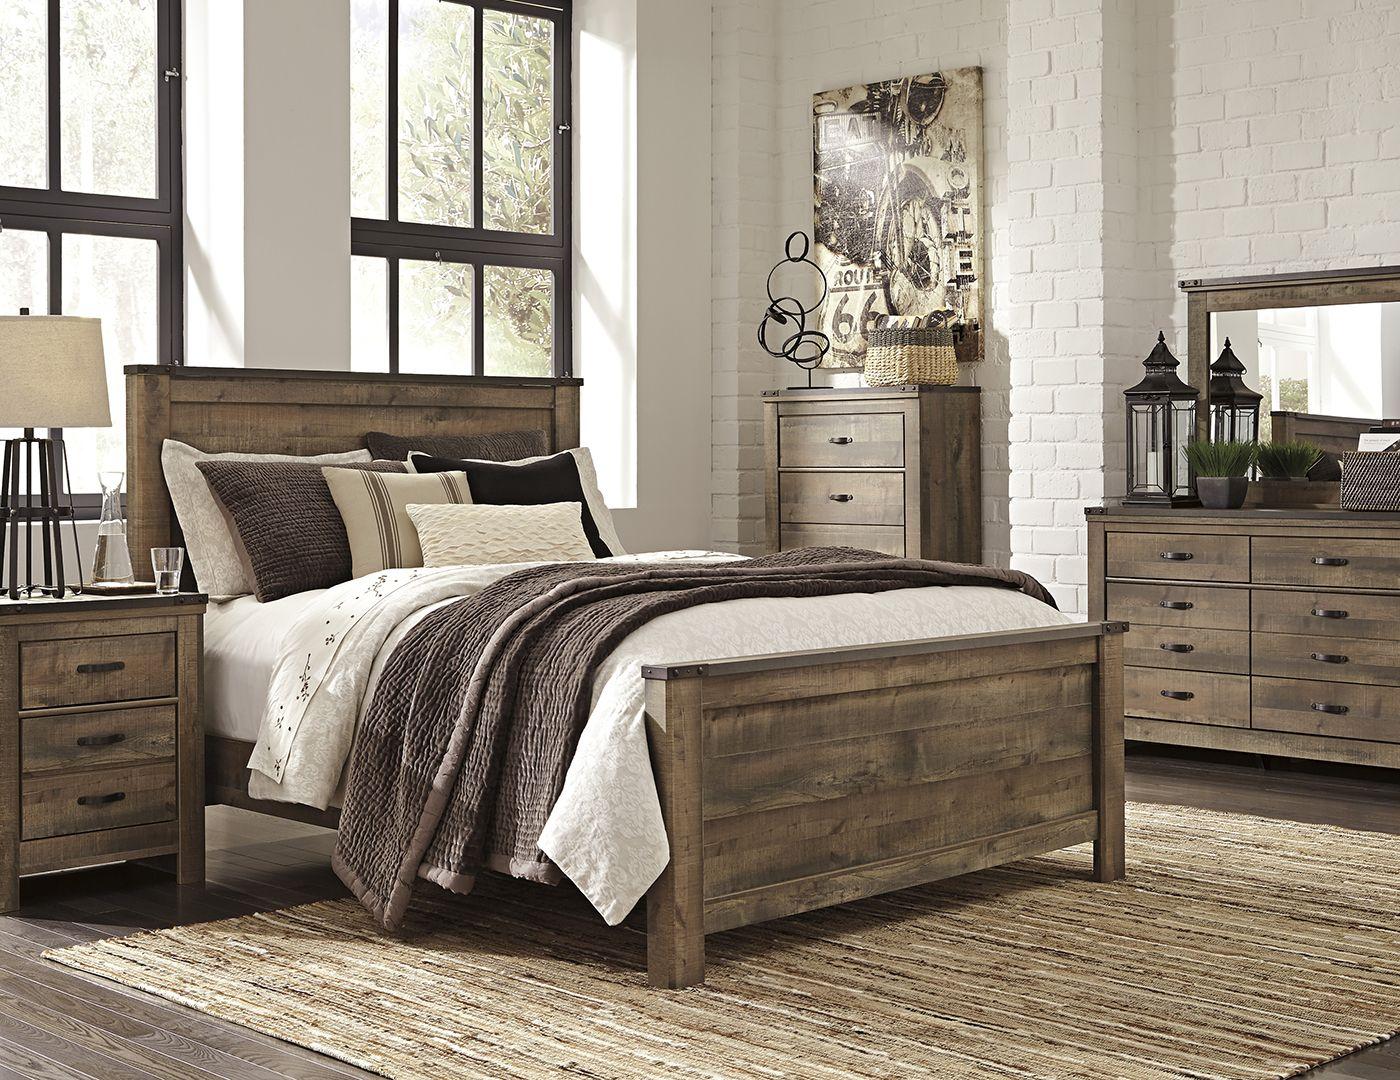 Trinell pc queen bedroom set queen bedroom sets queen bedroom